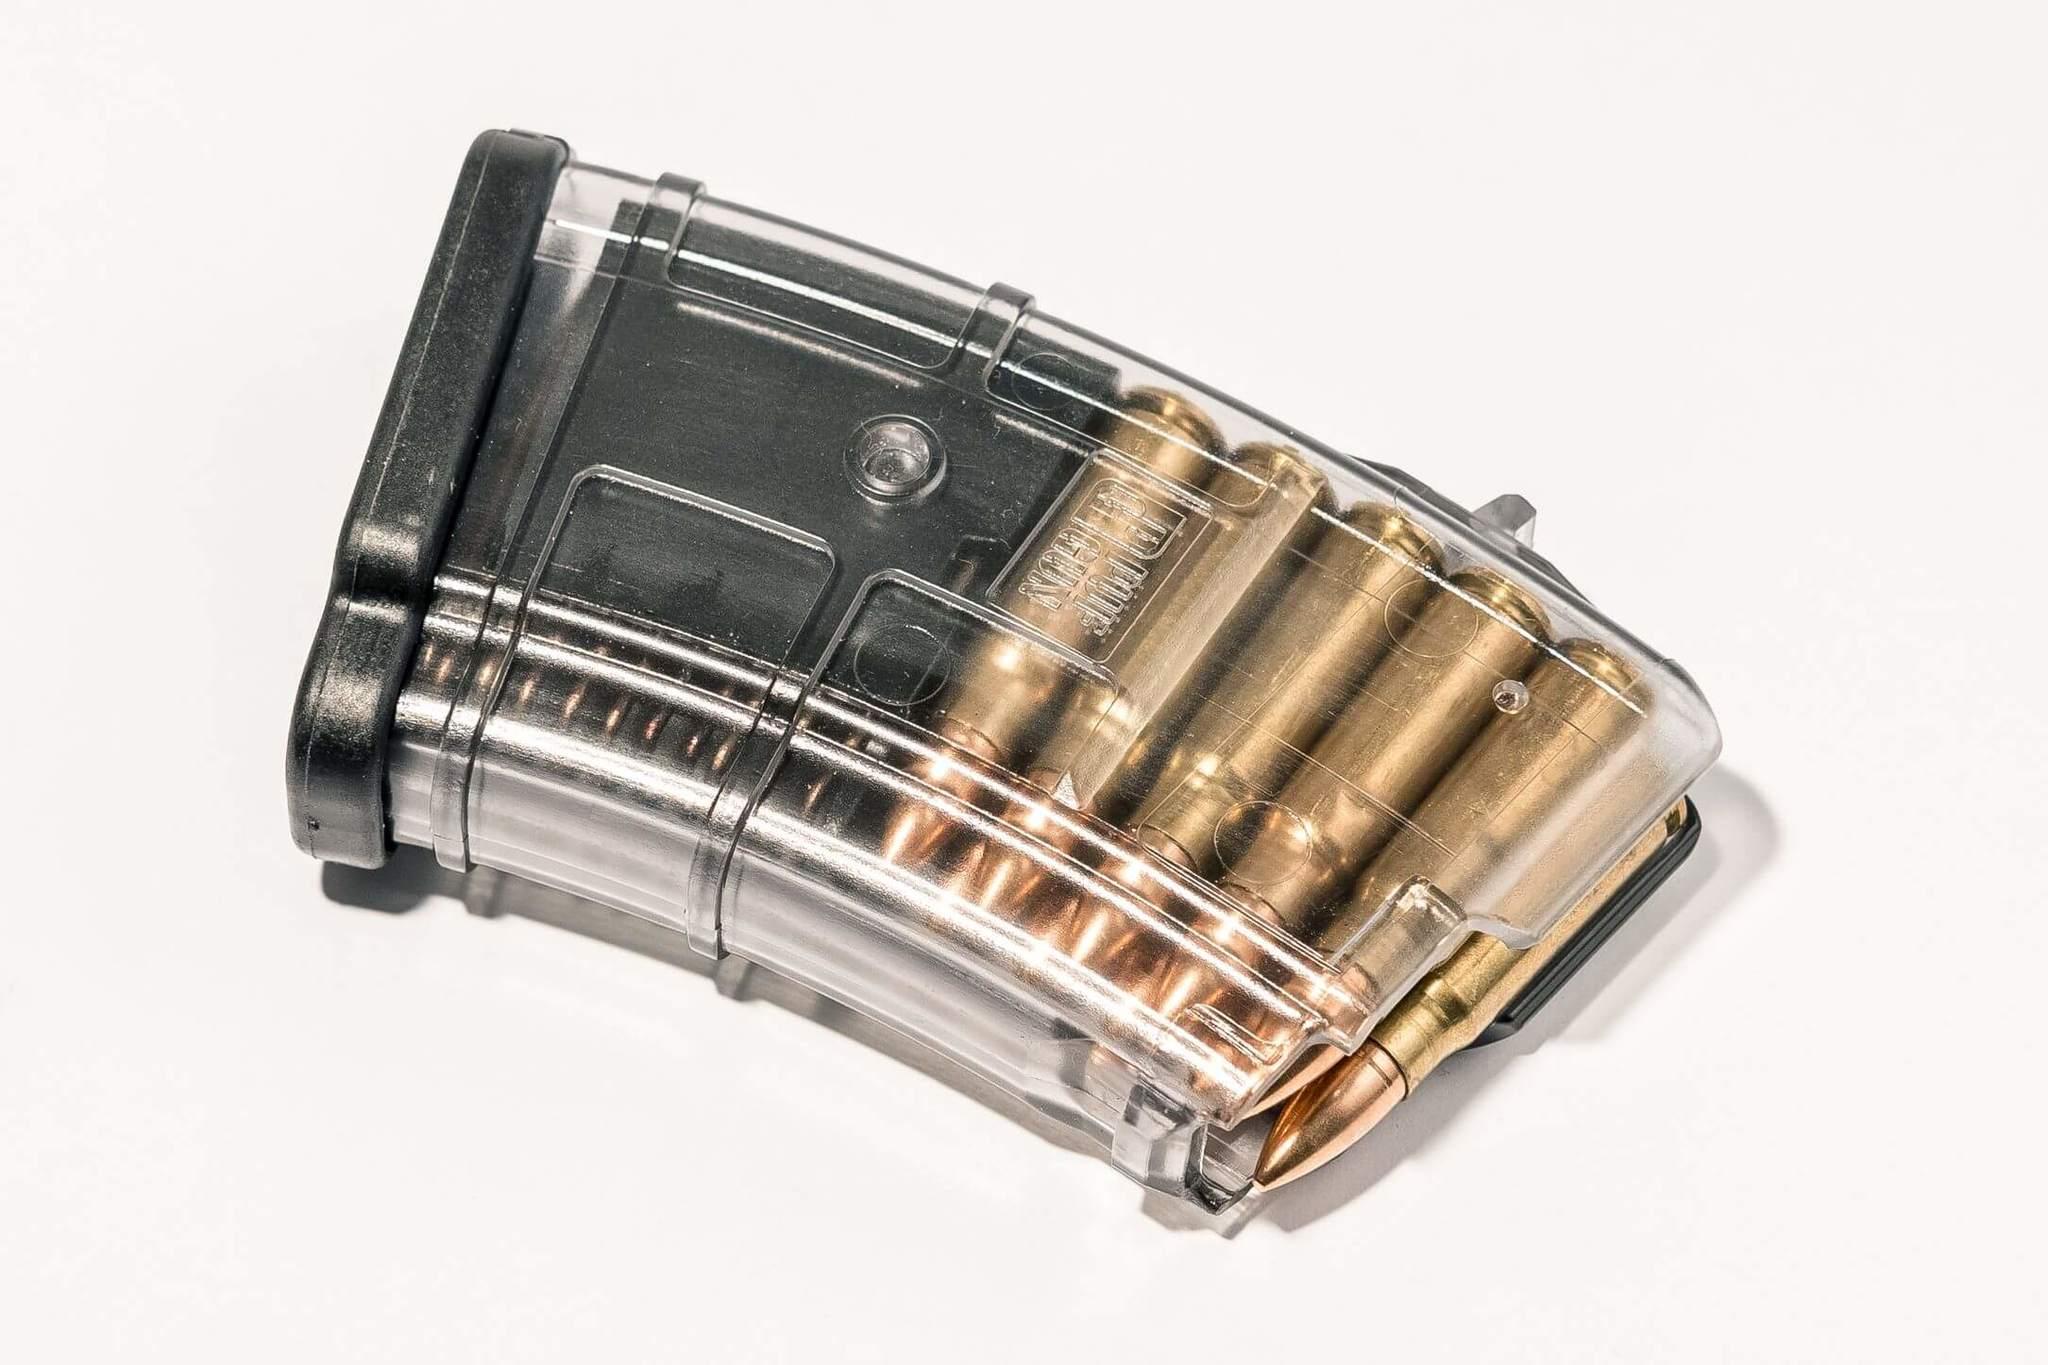 Магазин Pufgun для АКМ (7.62x39) ВПО-136 ВПО-209 на 10 патронов, прозрачный